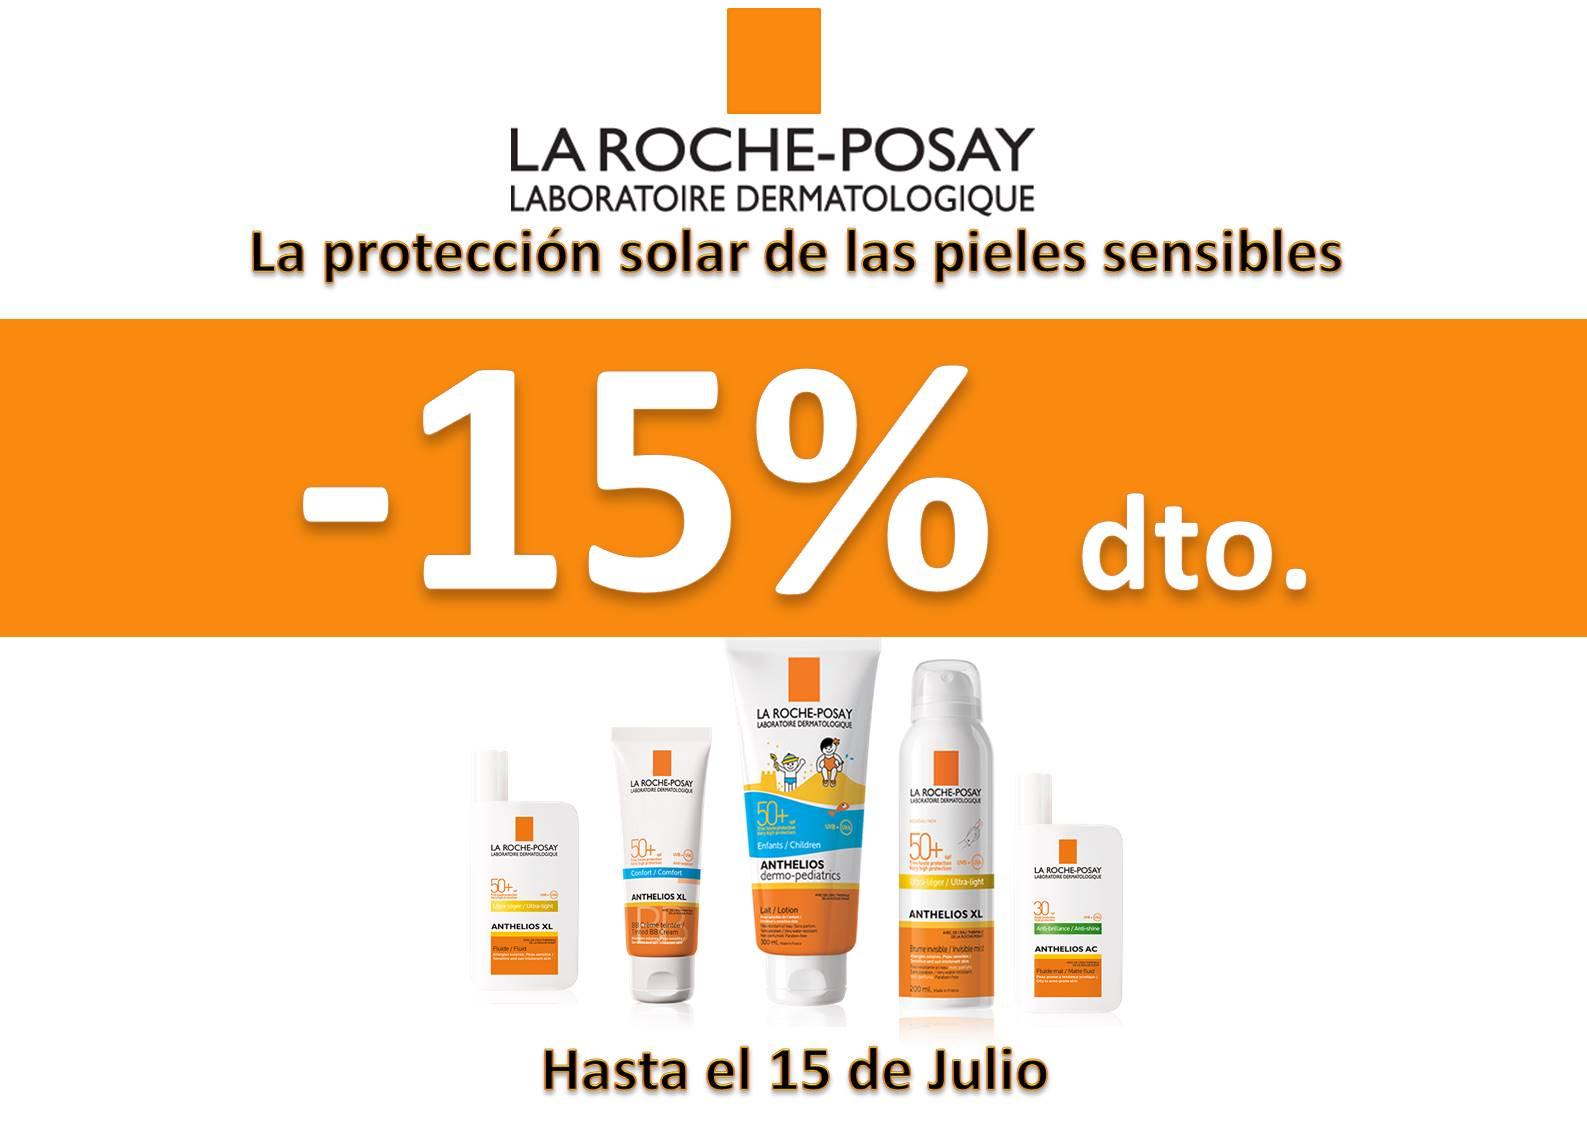 15% DTO SOLAR 2019